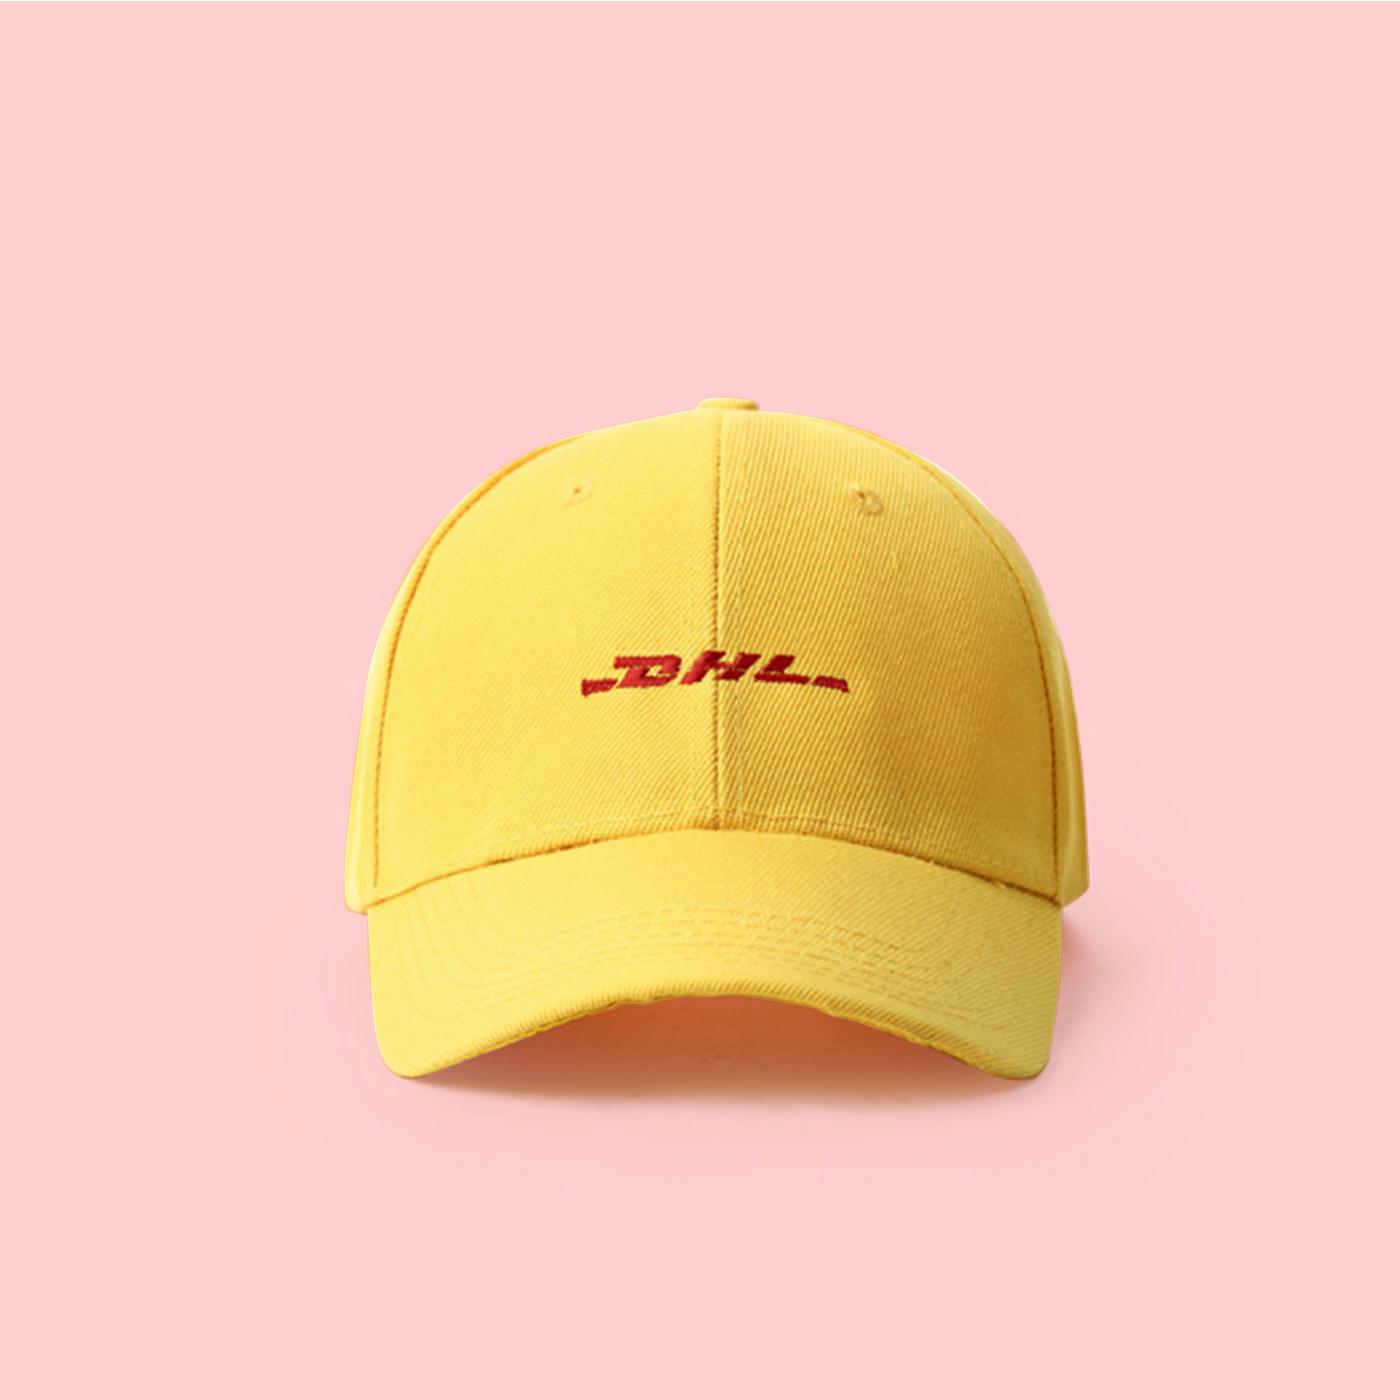 b85a04df288 DHL COURIER SPOOF BASEBALL CAP ORIGINAL on Storenvy